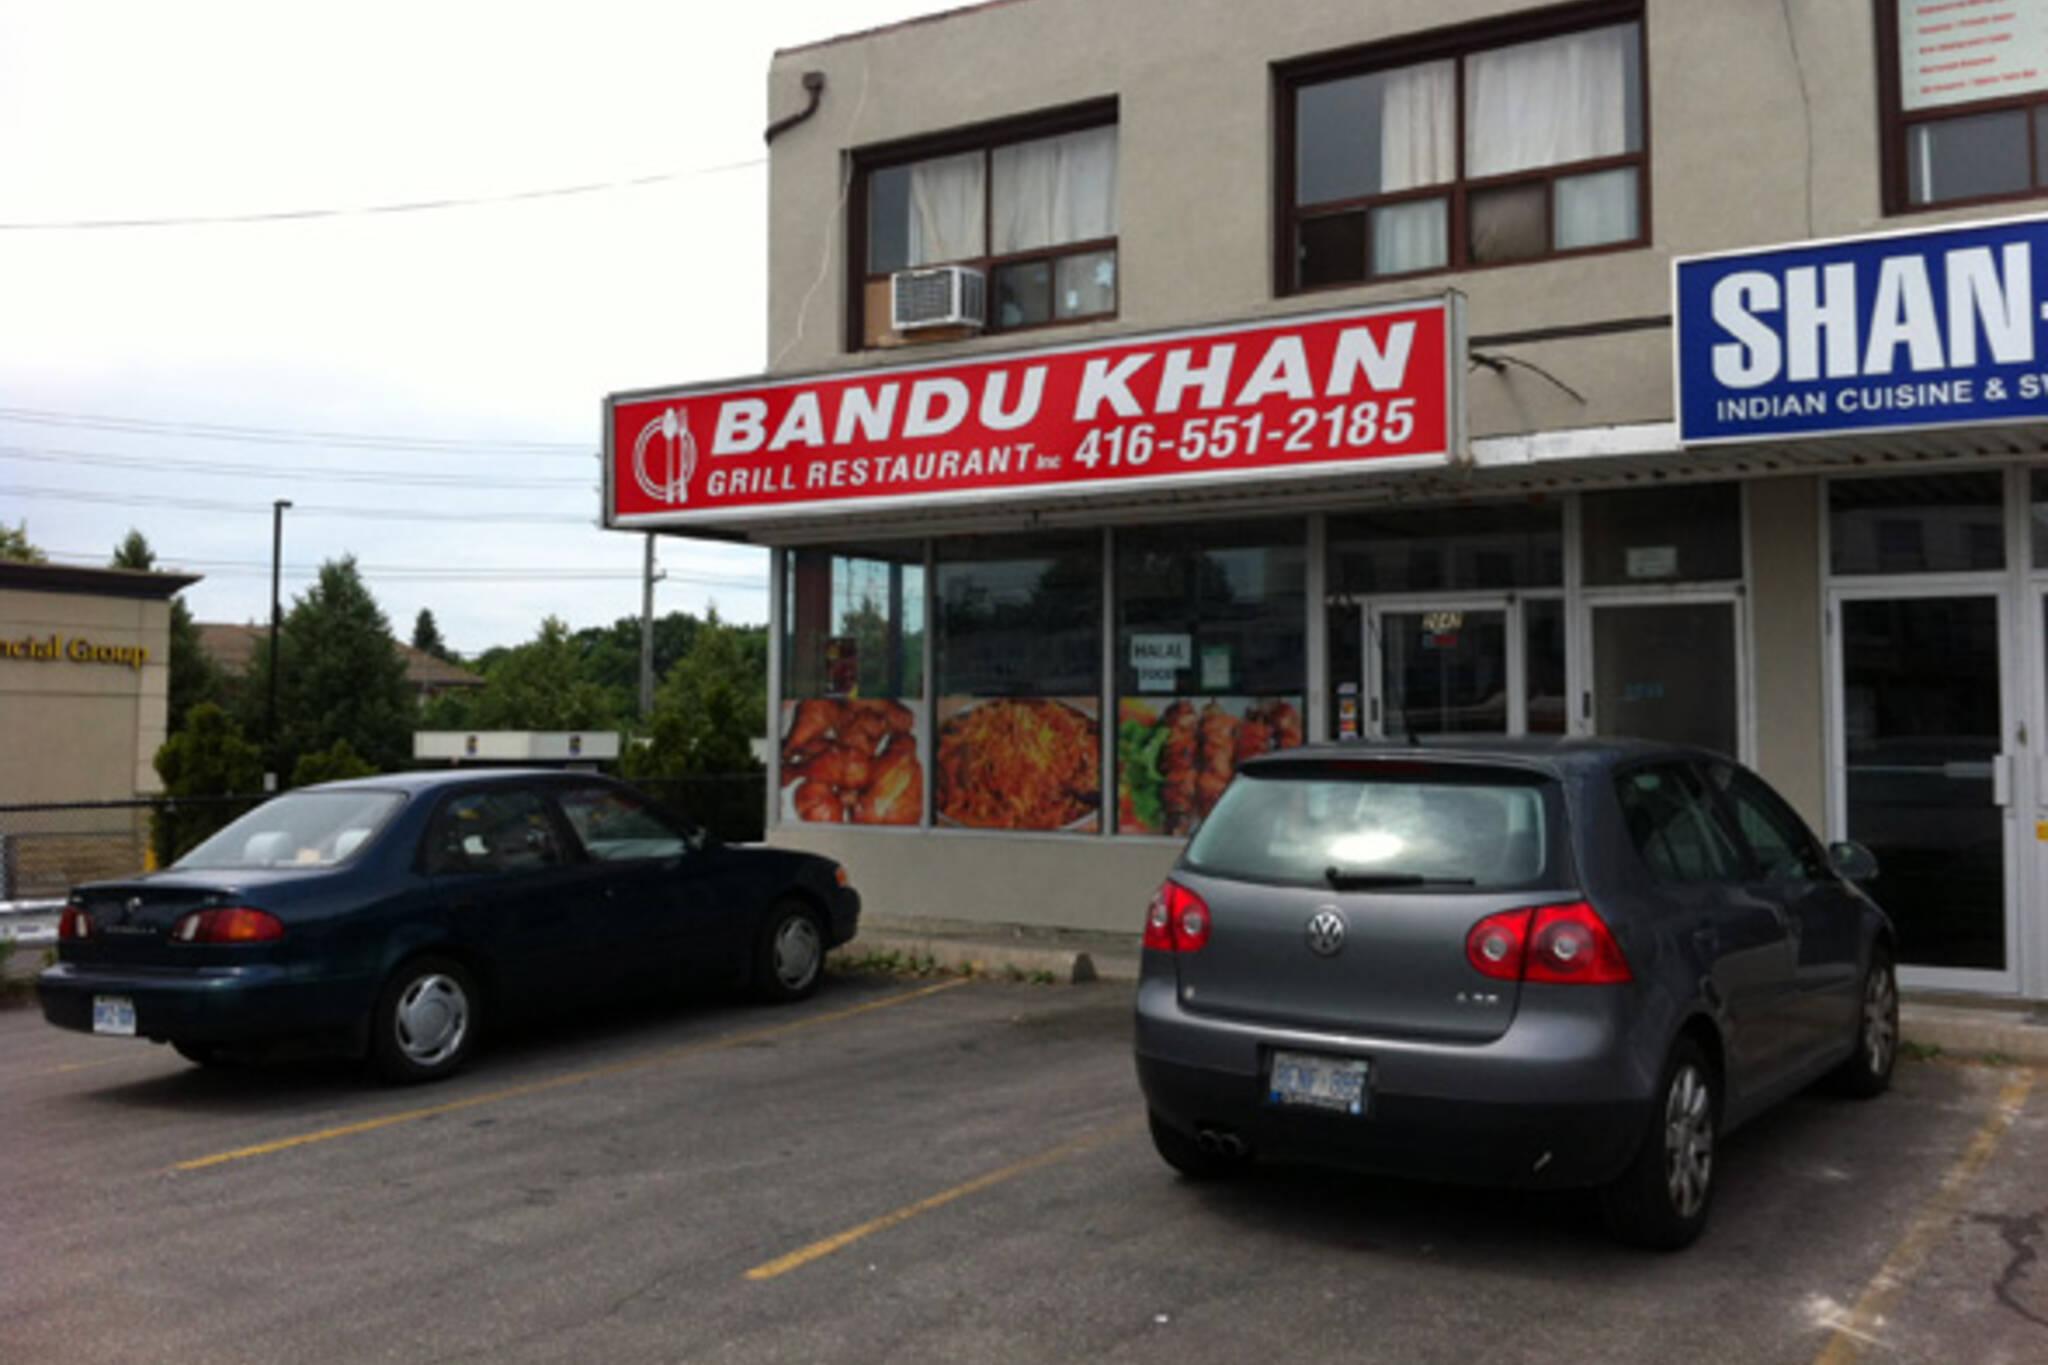 Bandu Khan